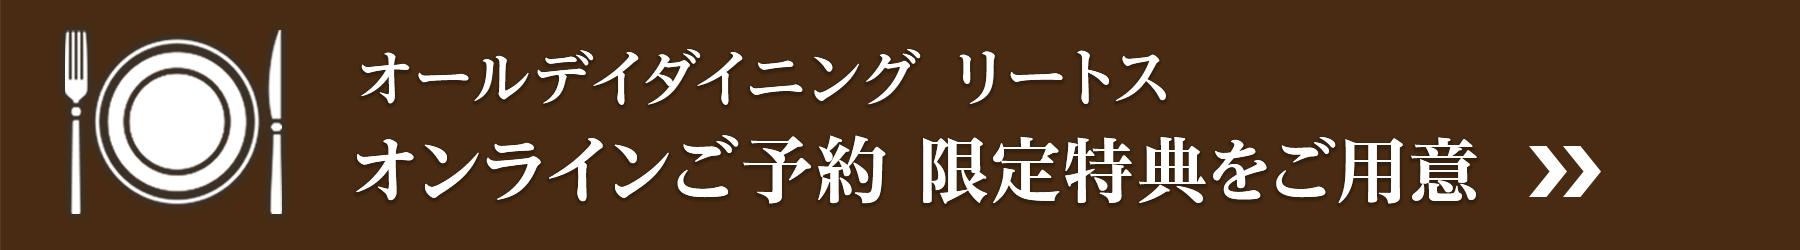 オールデイダイニング リートス オンライン予約